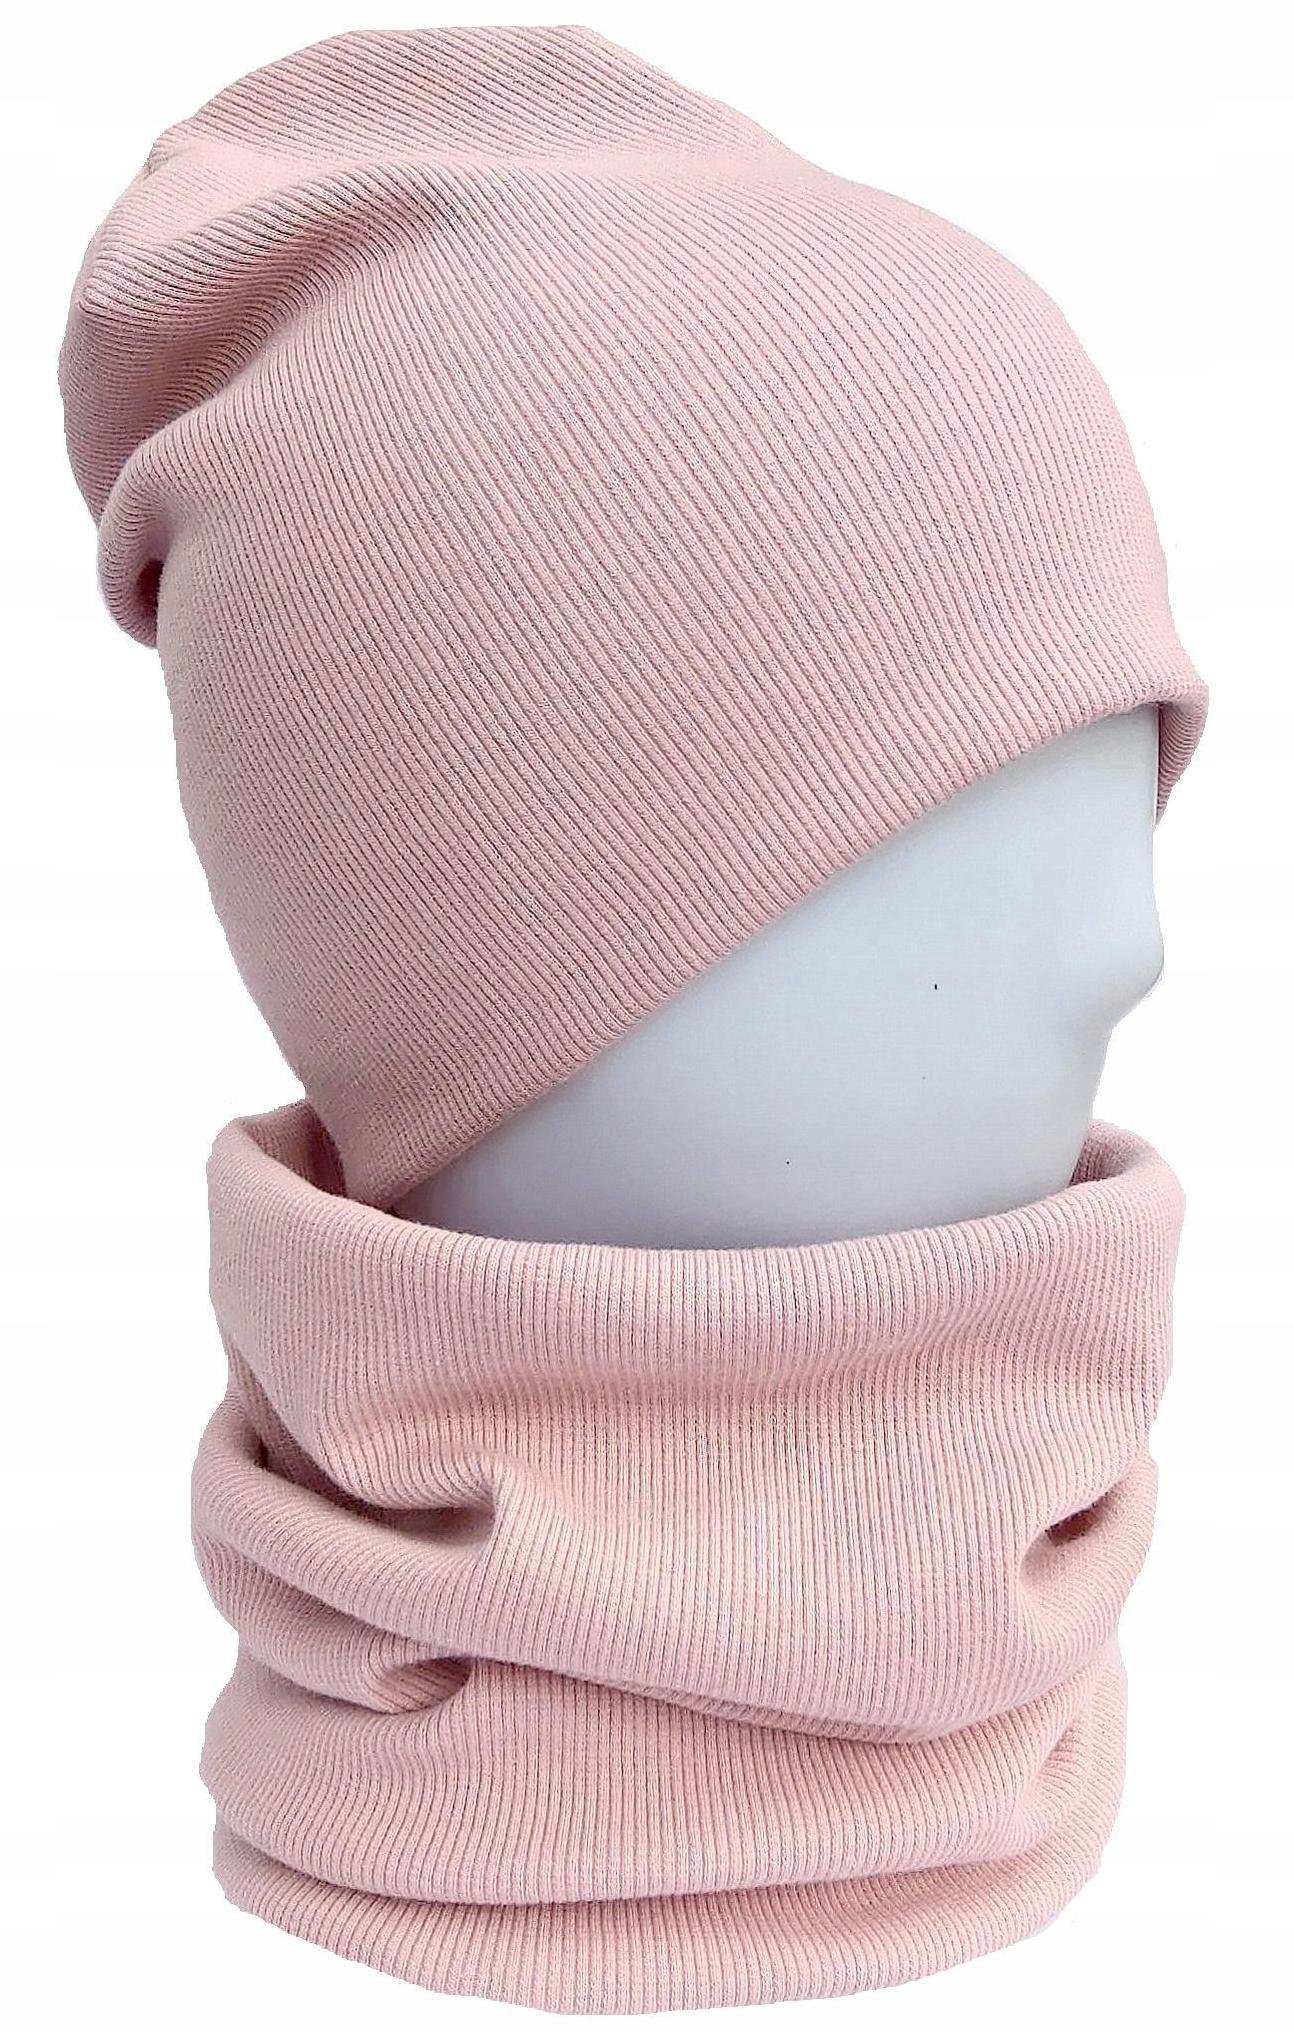 Детская шапка и утеплитель, весна в полоску 3-12 лет